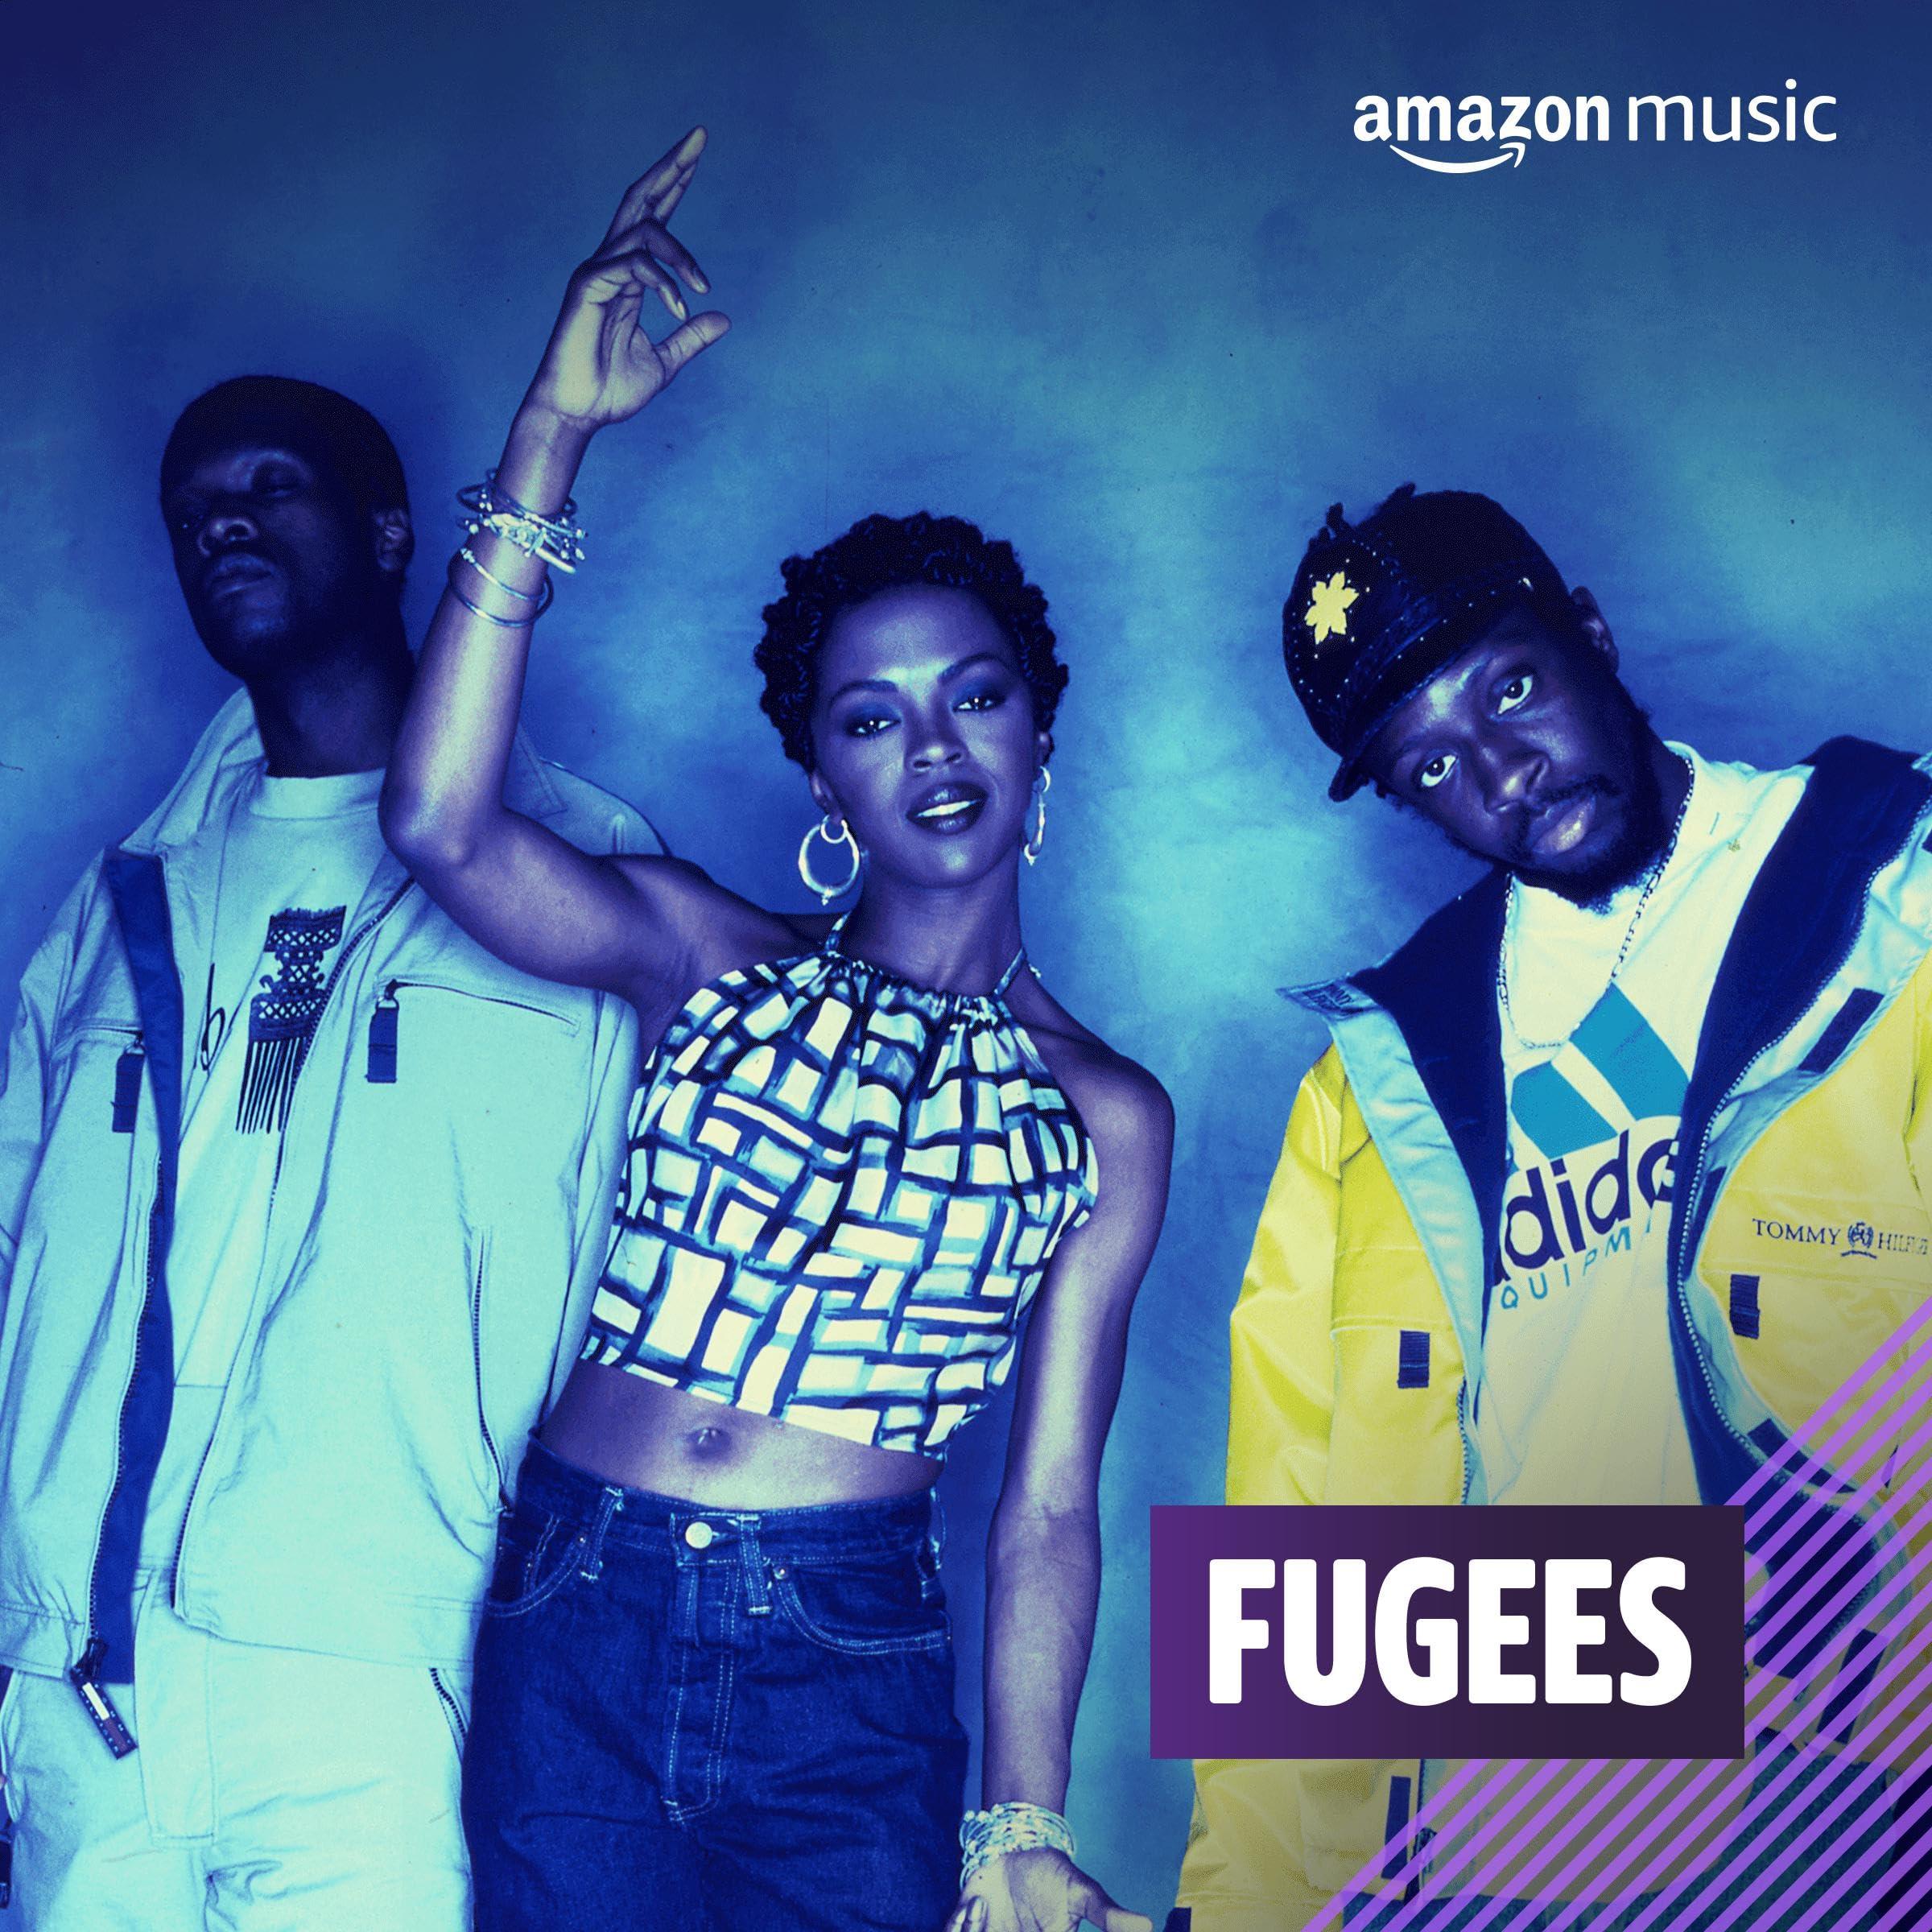 Fugees